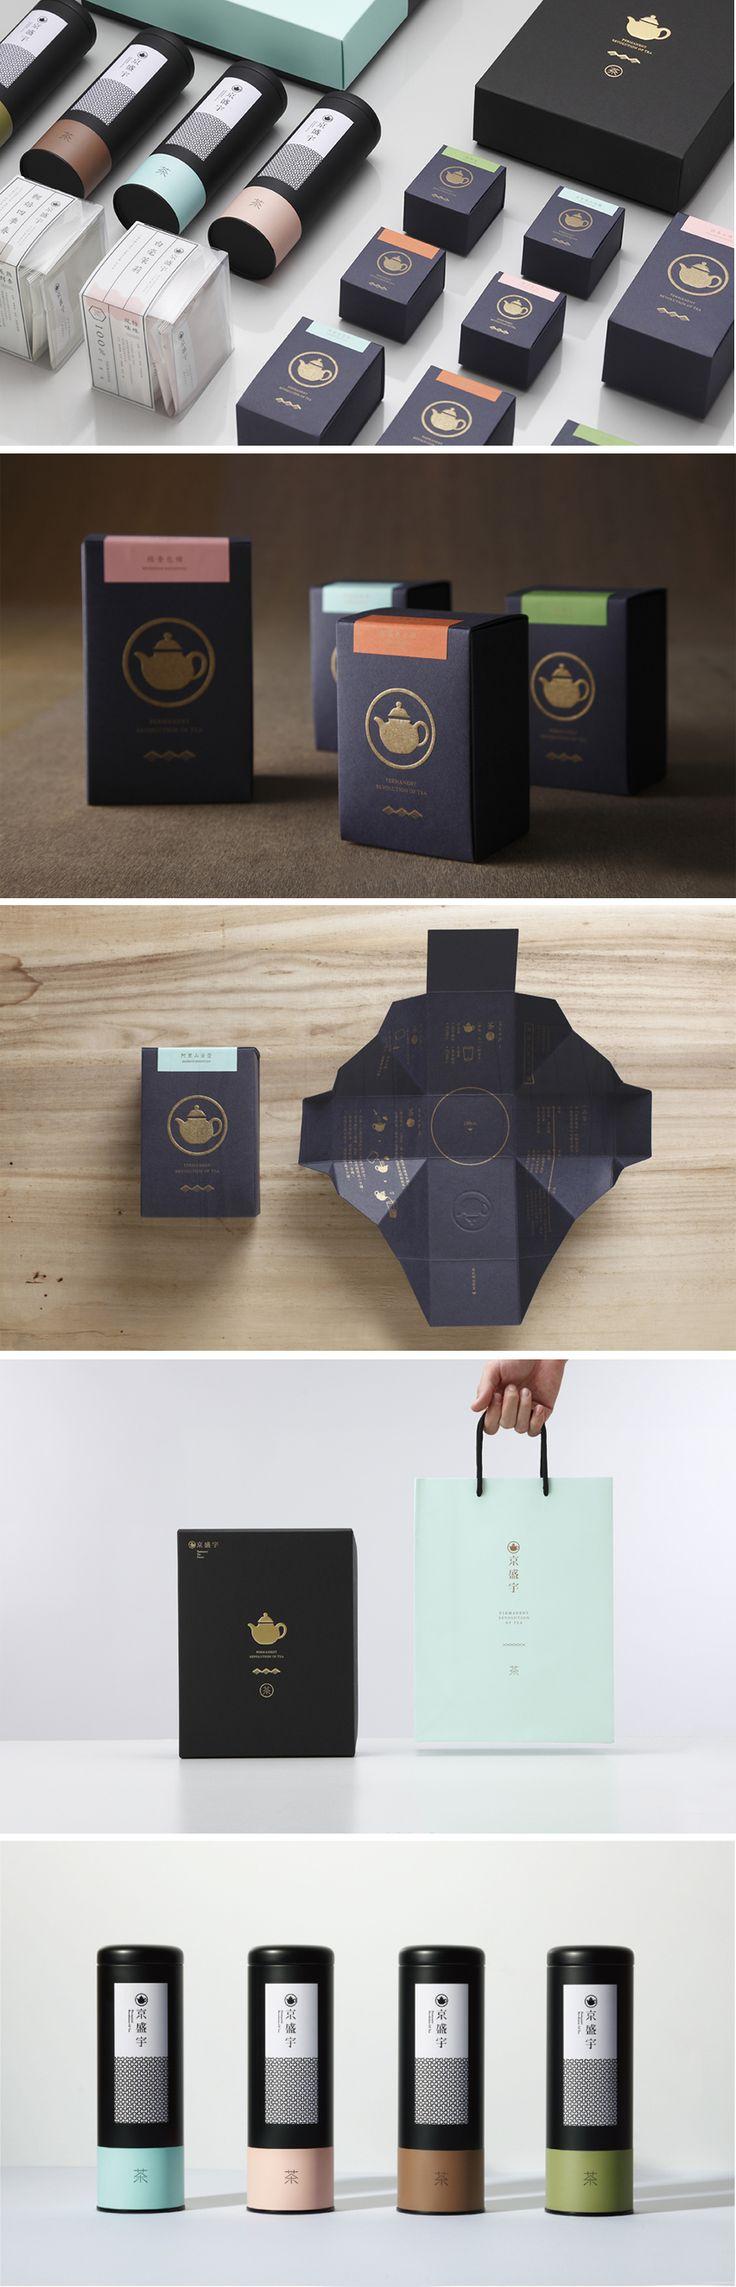 Förpackad -Blogg om Förpackningsdesign, Förpackningar, Grafisk Design » Fin-te från Kina - CAP&Design - Nordens största tidning för kreativa...